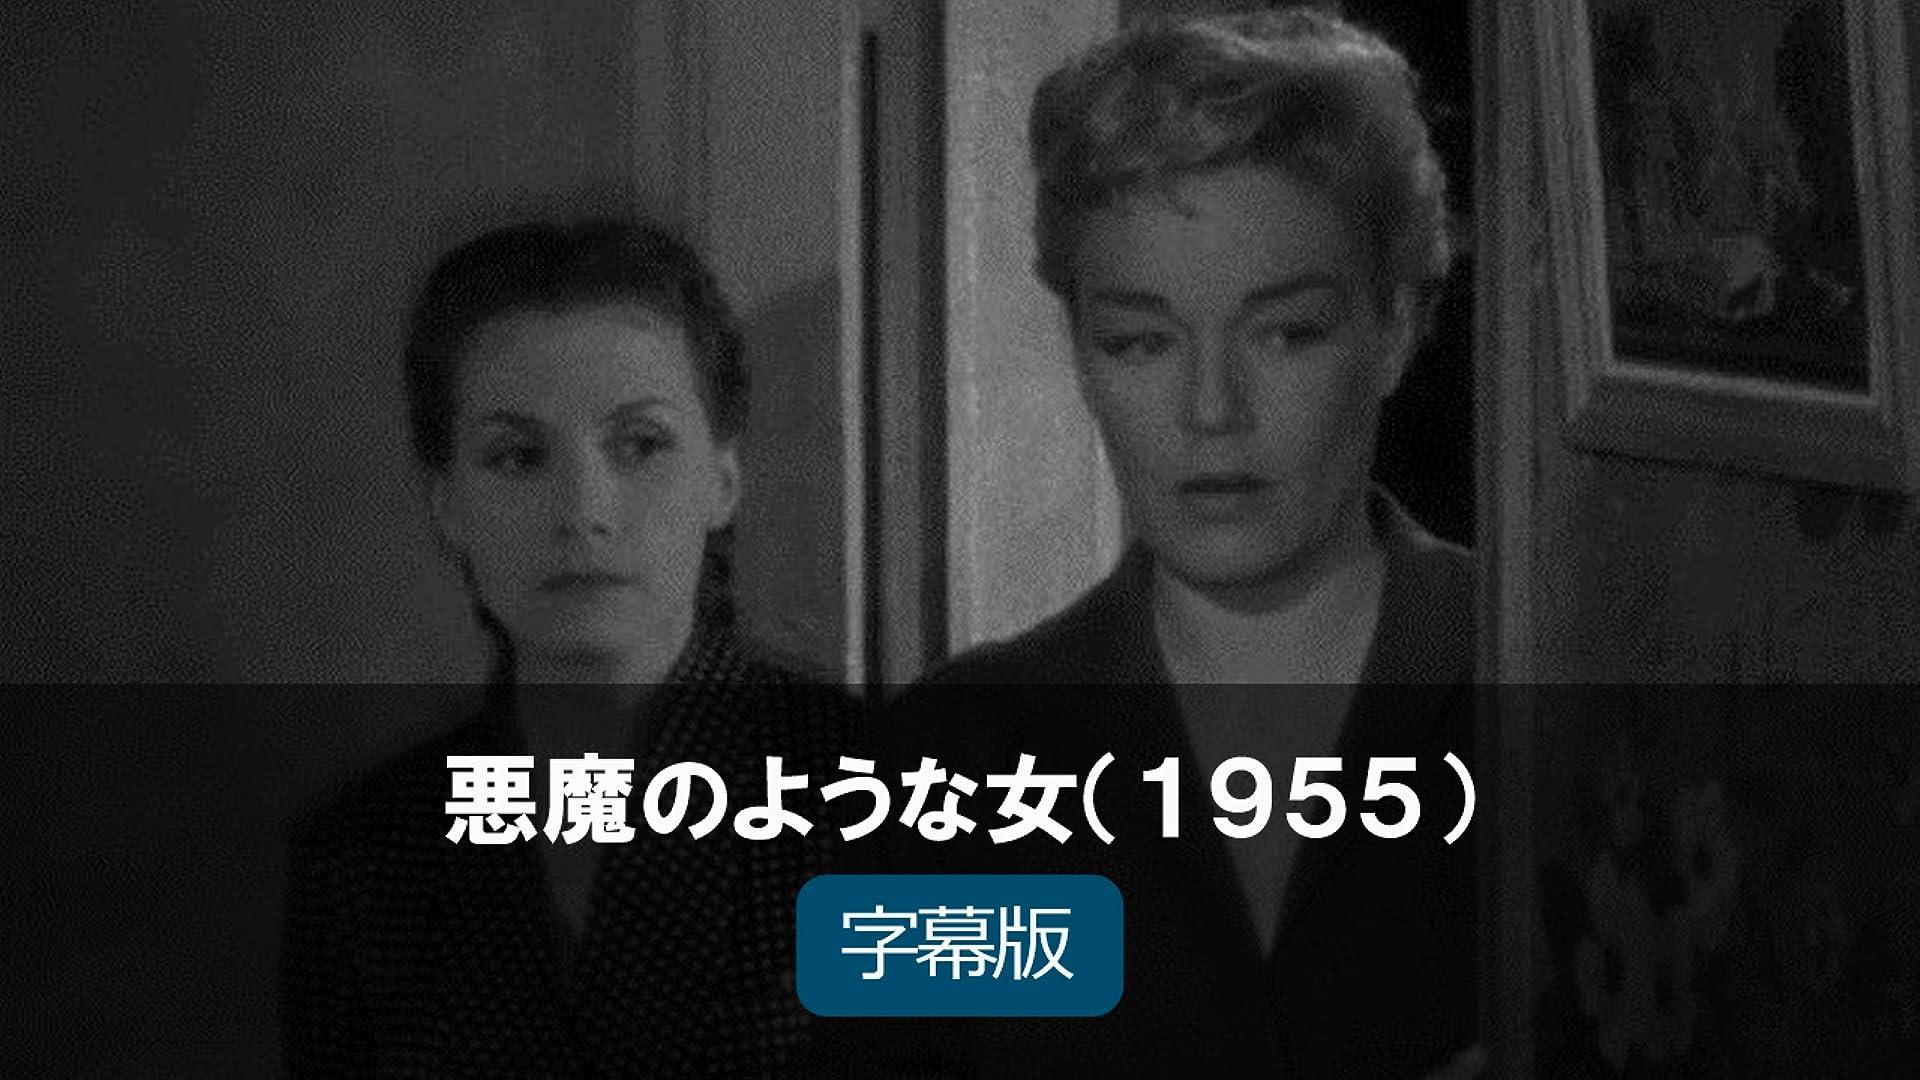 悪魔のような女(1955)(字幕版)